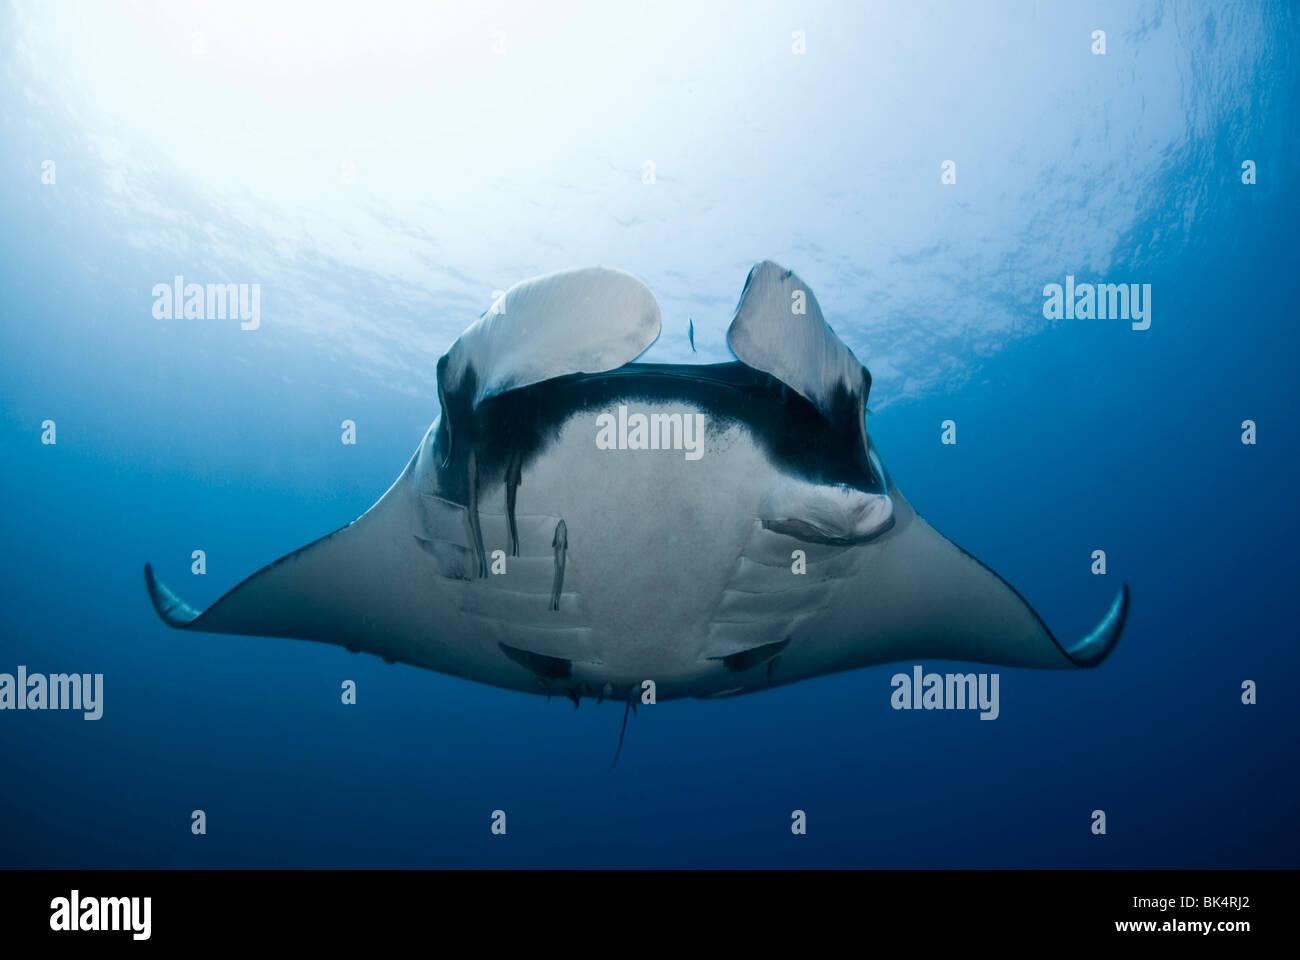 Manta ray, archipiélago de Mergui, Birmania, Mar de Andamán, Océano Índico Imagen De Stock